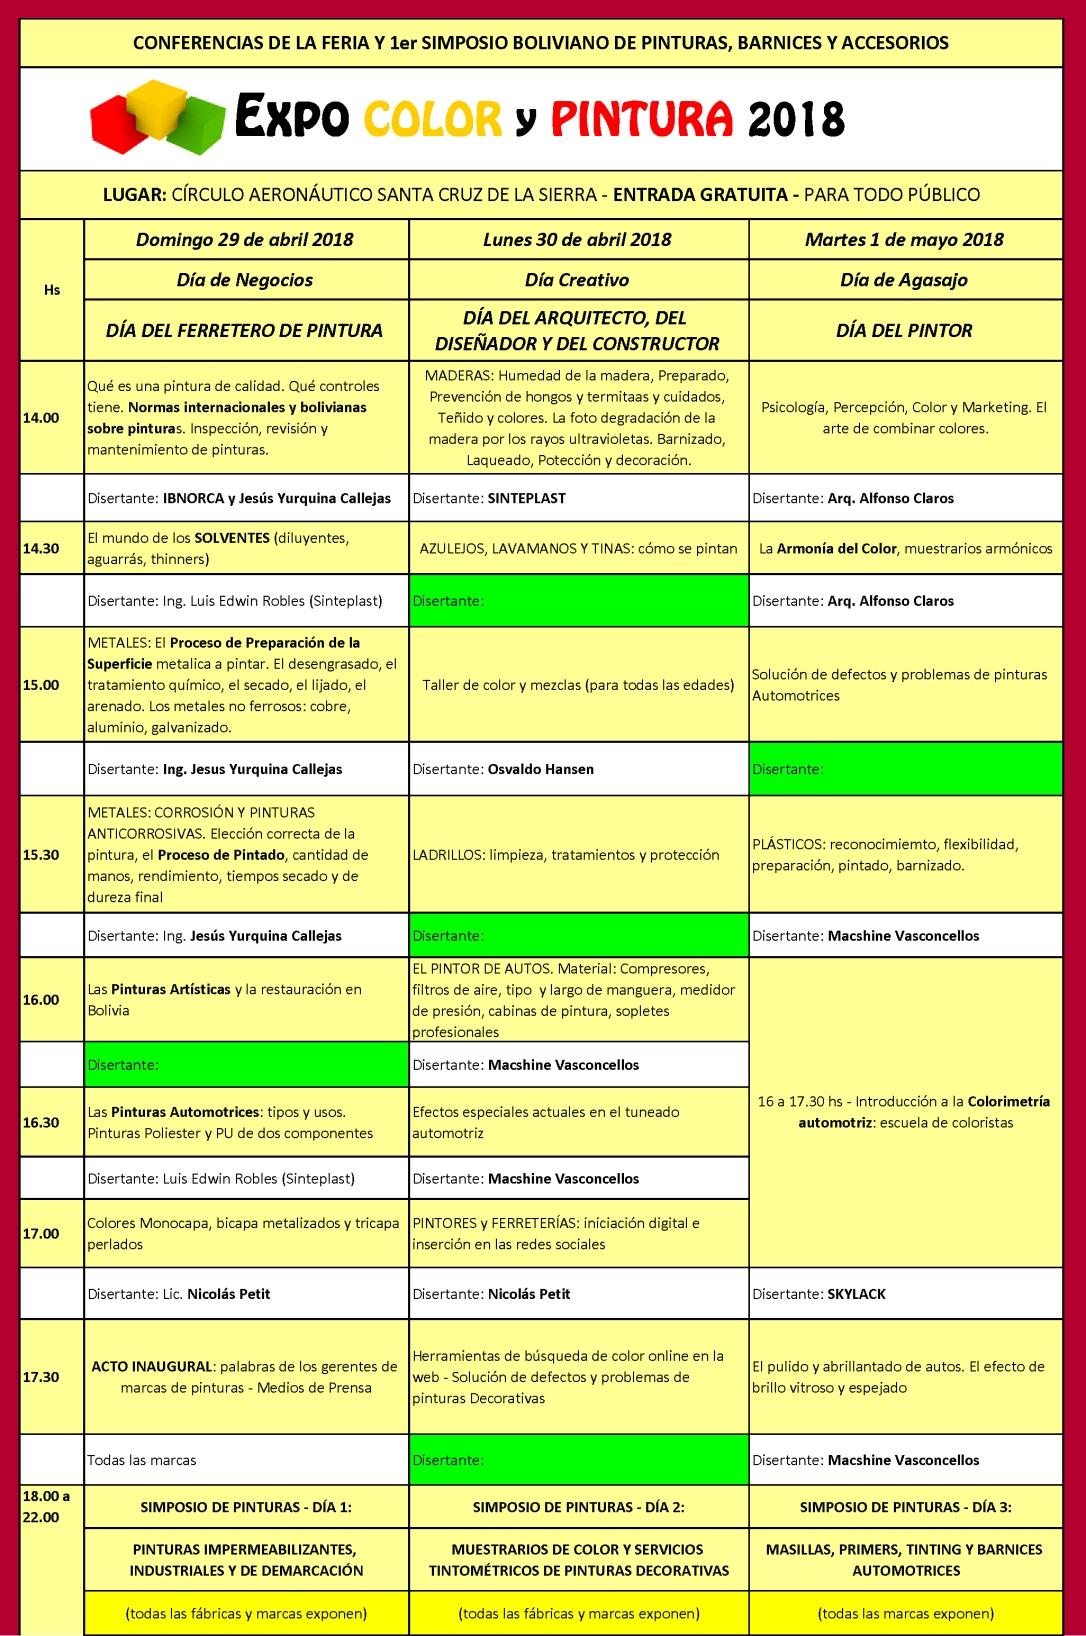 Ponentes CONFERENCIAS TÉCNICAS Y 1er SIMPOSIO BOLIVIANO DE PINTURAS, BARNICES Y ACESORIOS2DE3